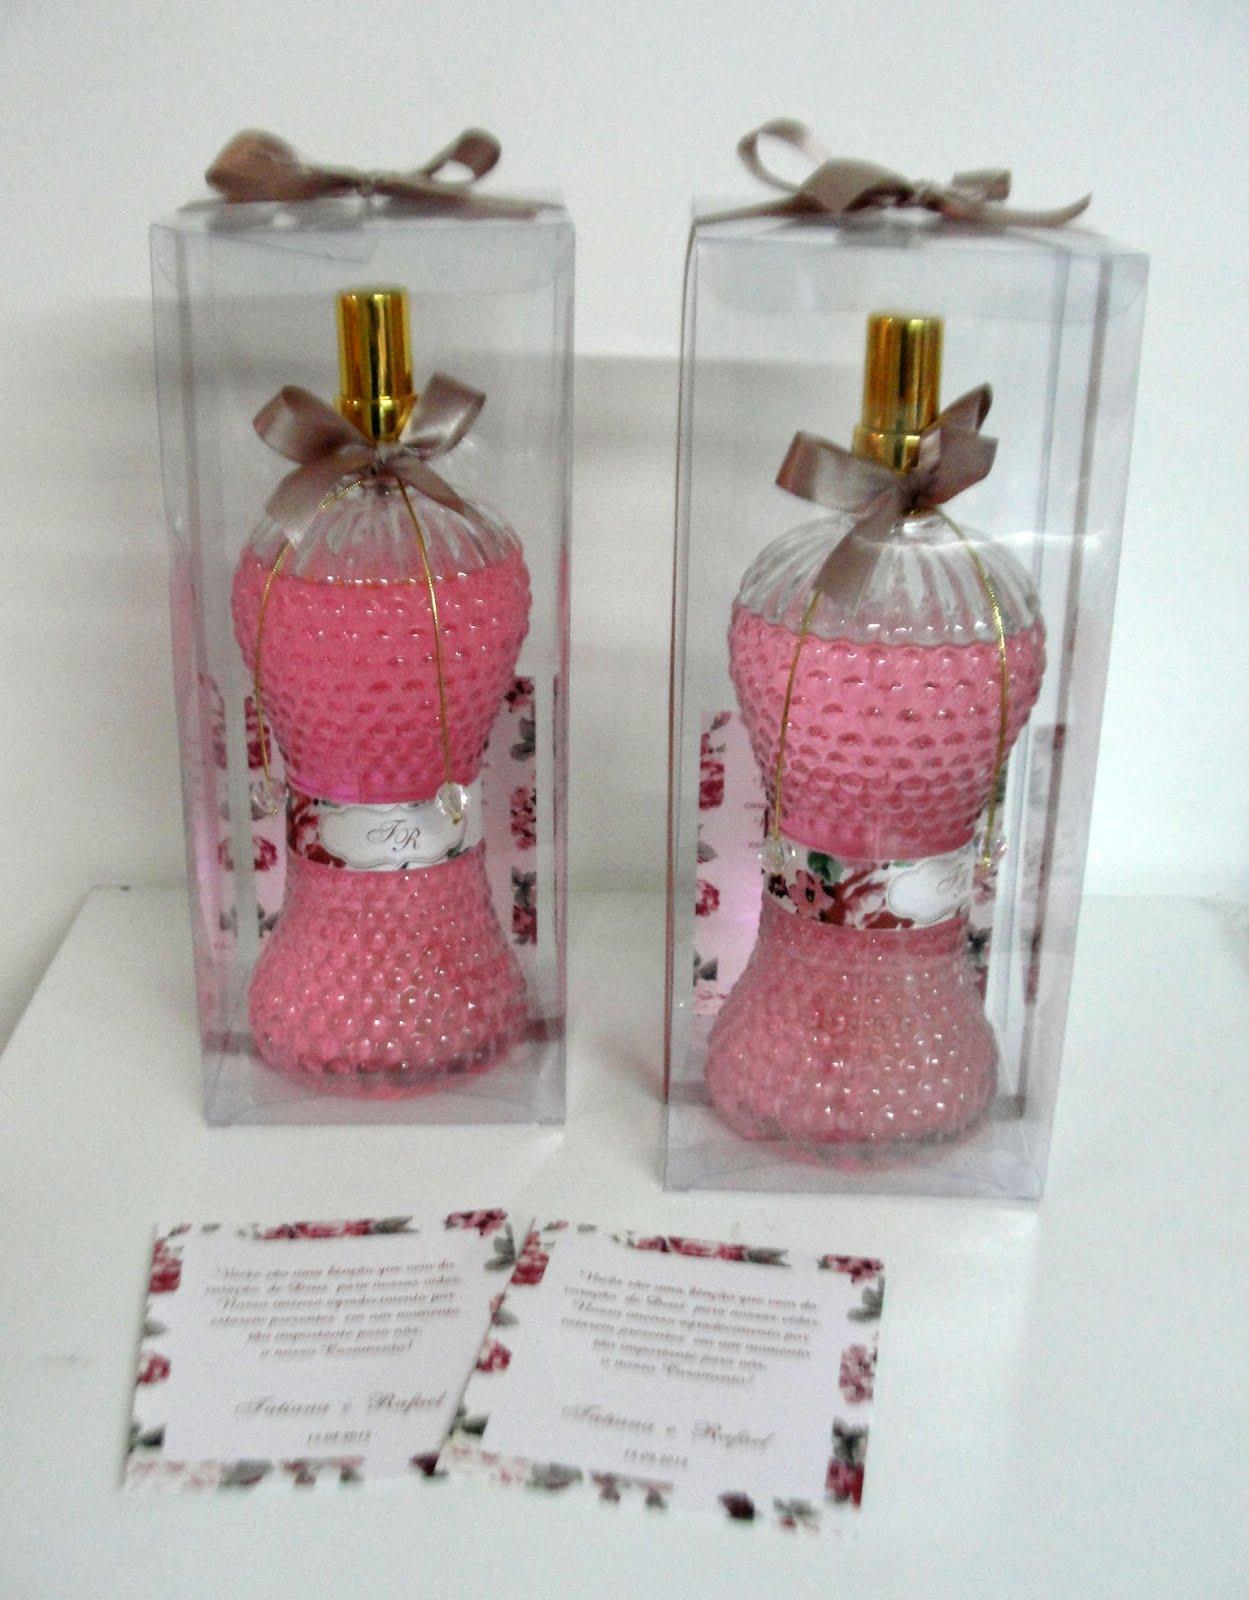 de festa de casamento para convidados 2012 ideias para decoração de  #913A4C 1249x1600